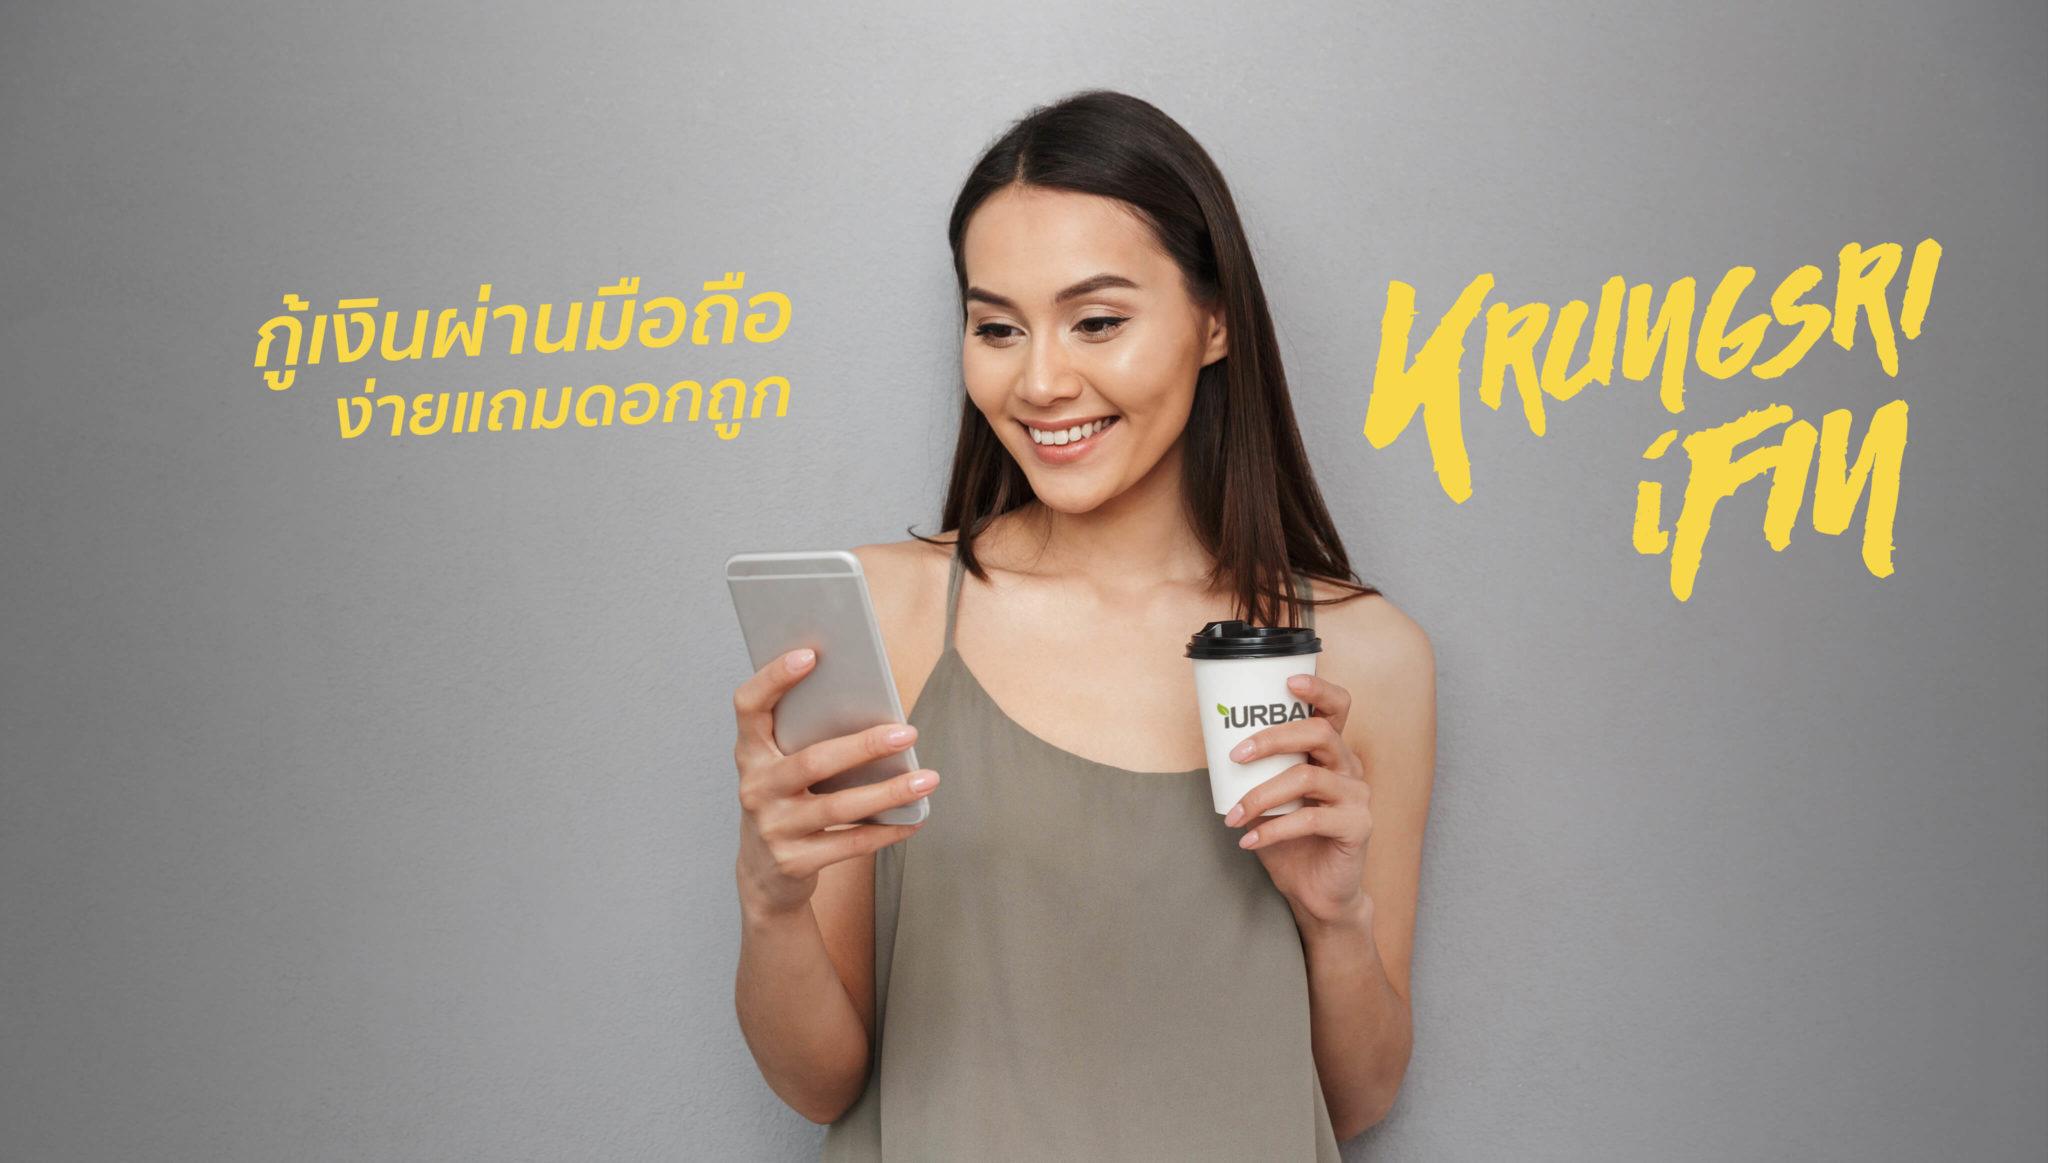 #รู้ไว้ได้เปรียบ KrungsriiFinกู้เงินด่วนผ่านมือถือได้แล้ว ถ่าย-ส่ง-รอผล ปลอดภัย ดอกเบี้ยถูกกก 13 - Bank